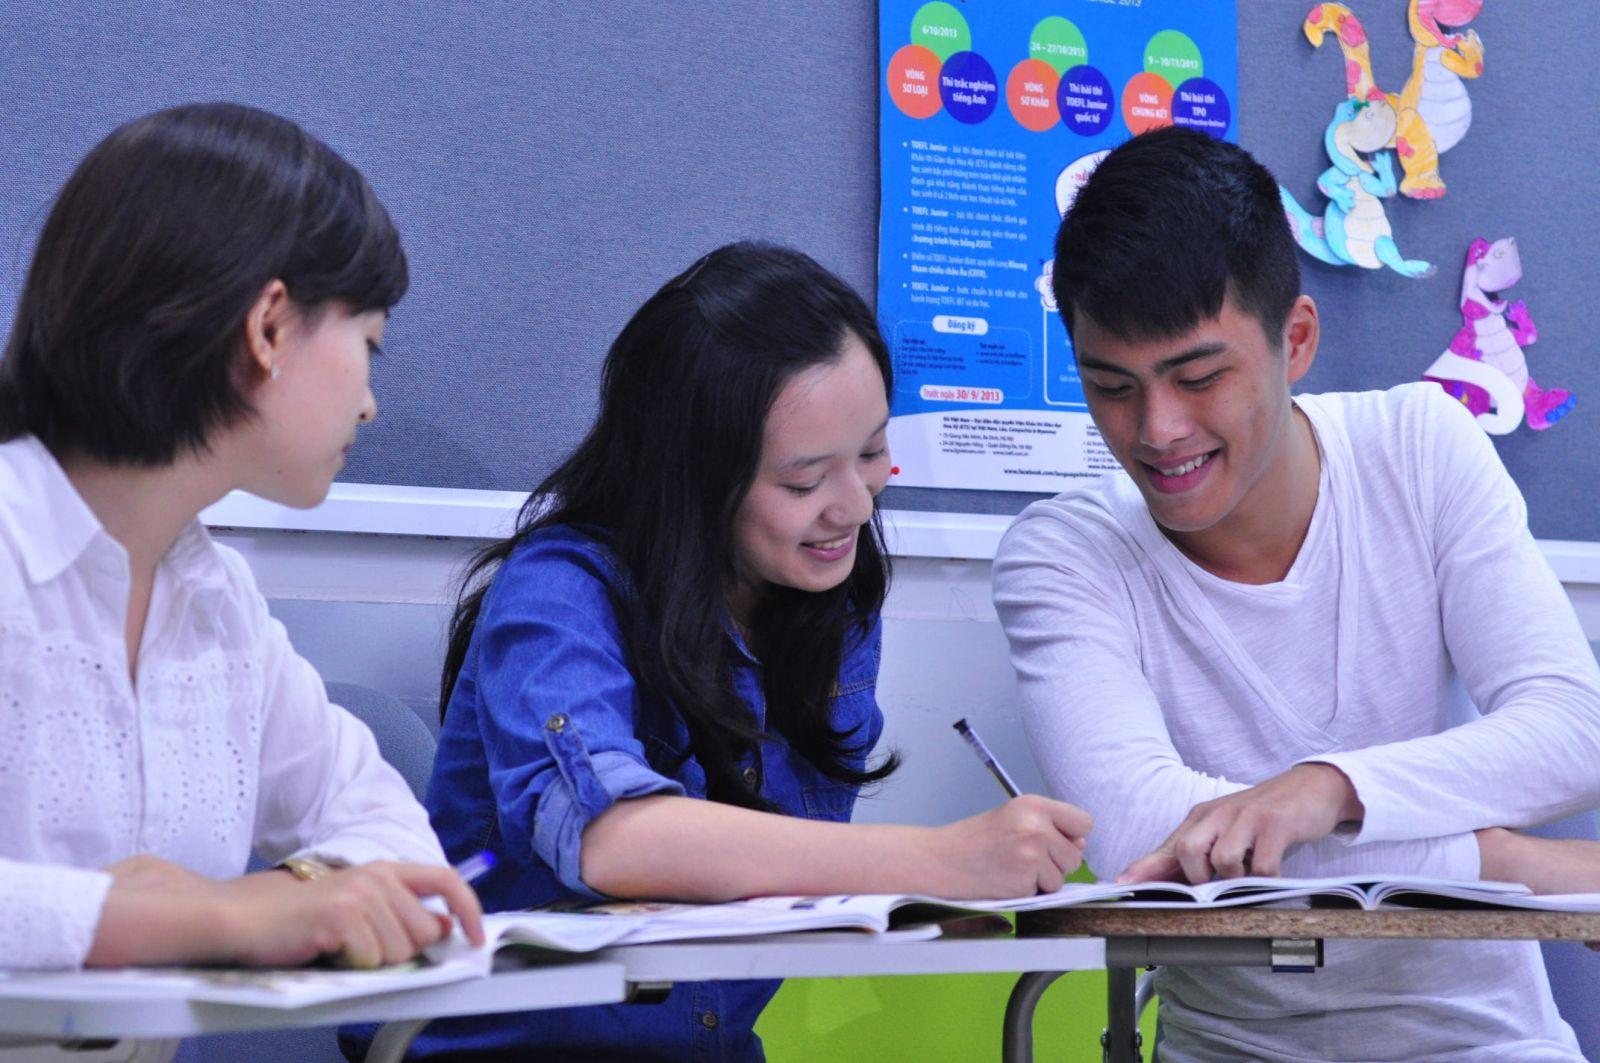 Phân biệt thì tương lai đơn và hiện tại tiếp diễn giúp học tiếng Anh tốt hơn